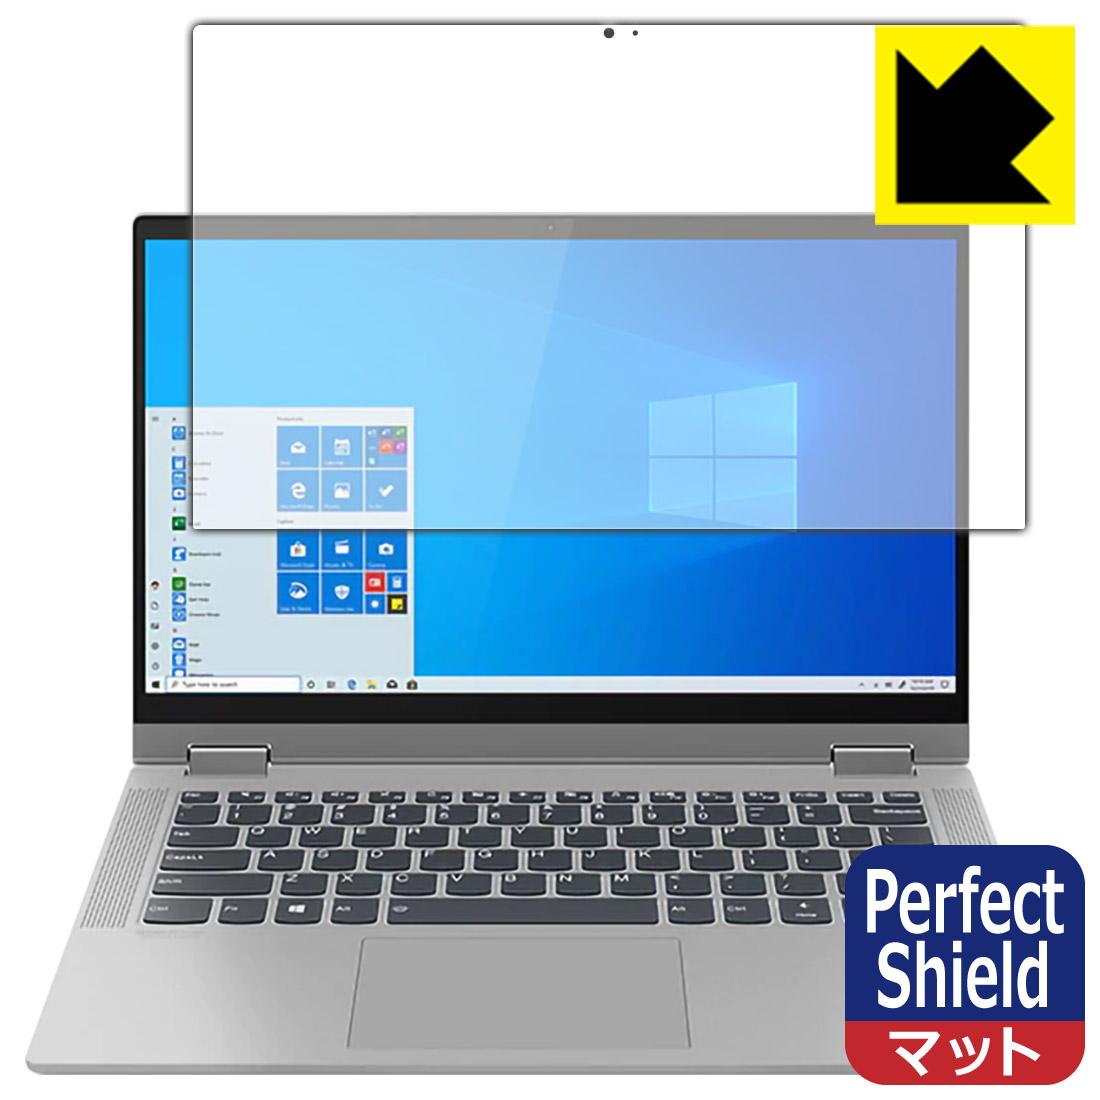 アンチグレアタイプ 非光沢 Lenovo IdeaPad Flex 550 550i Shield 14 セール特価 返品不可 専用保護フィルム 保護シート Perfect smtb-kd